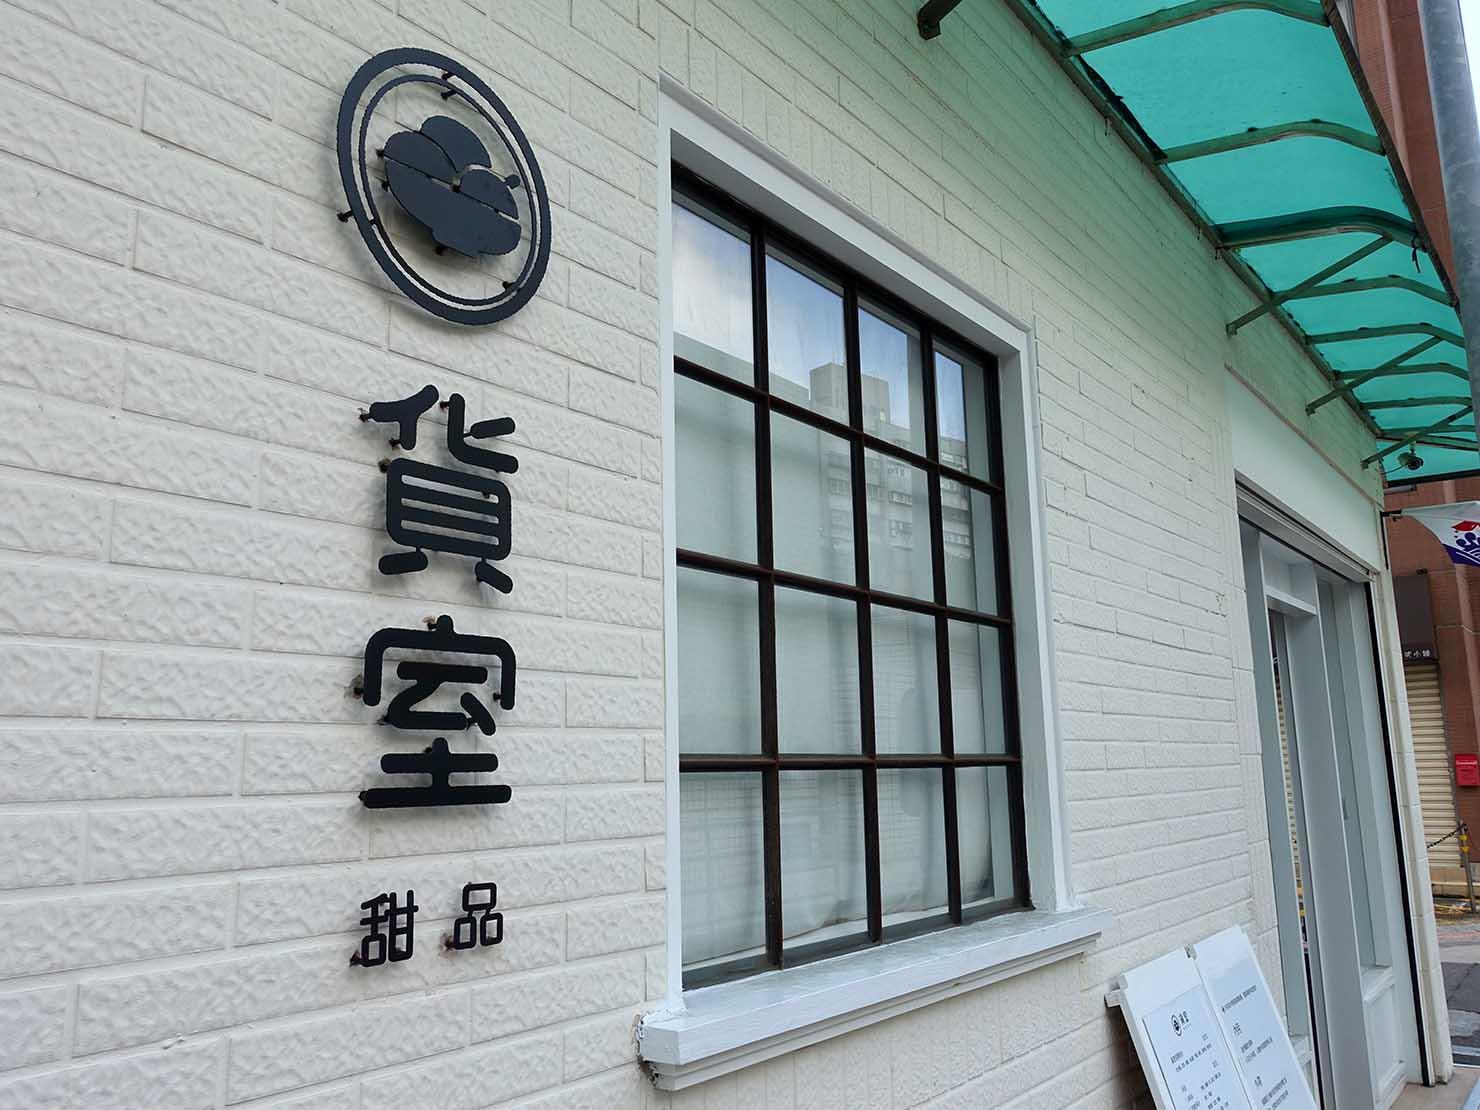 台北駅最寄りのグルメタウン・雙連のおすすめスイーツ店「貨室甜品」の外観